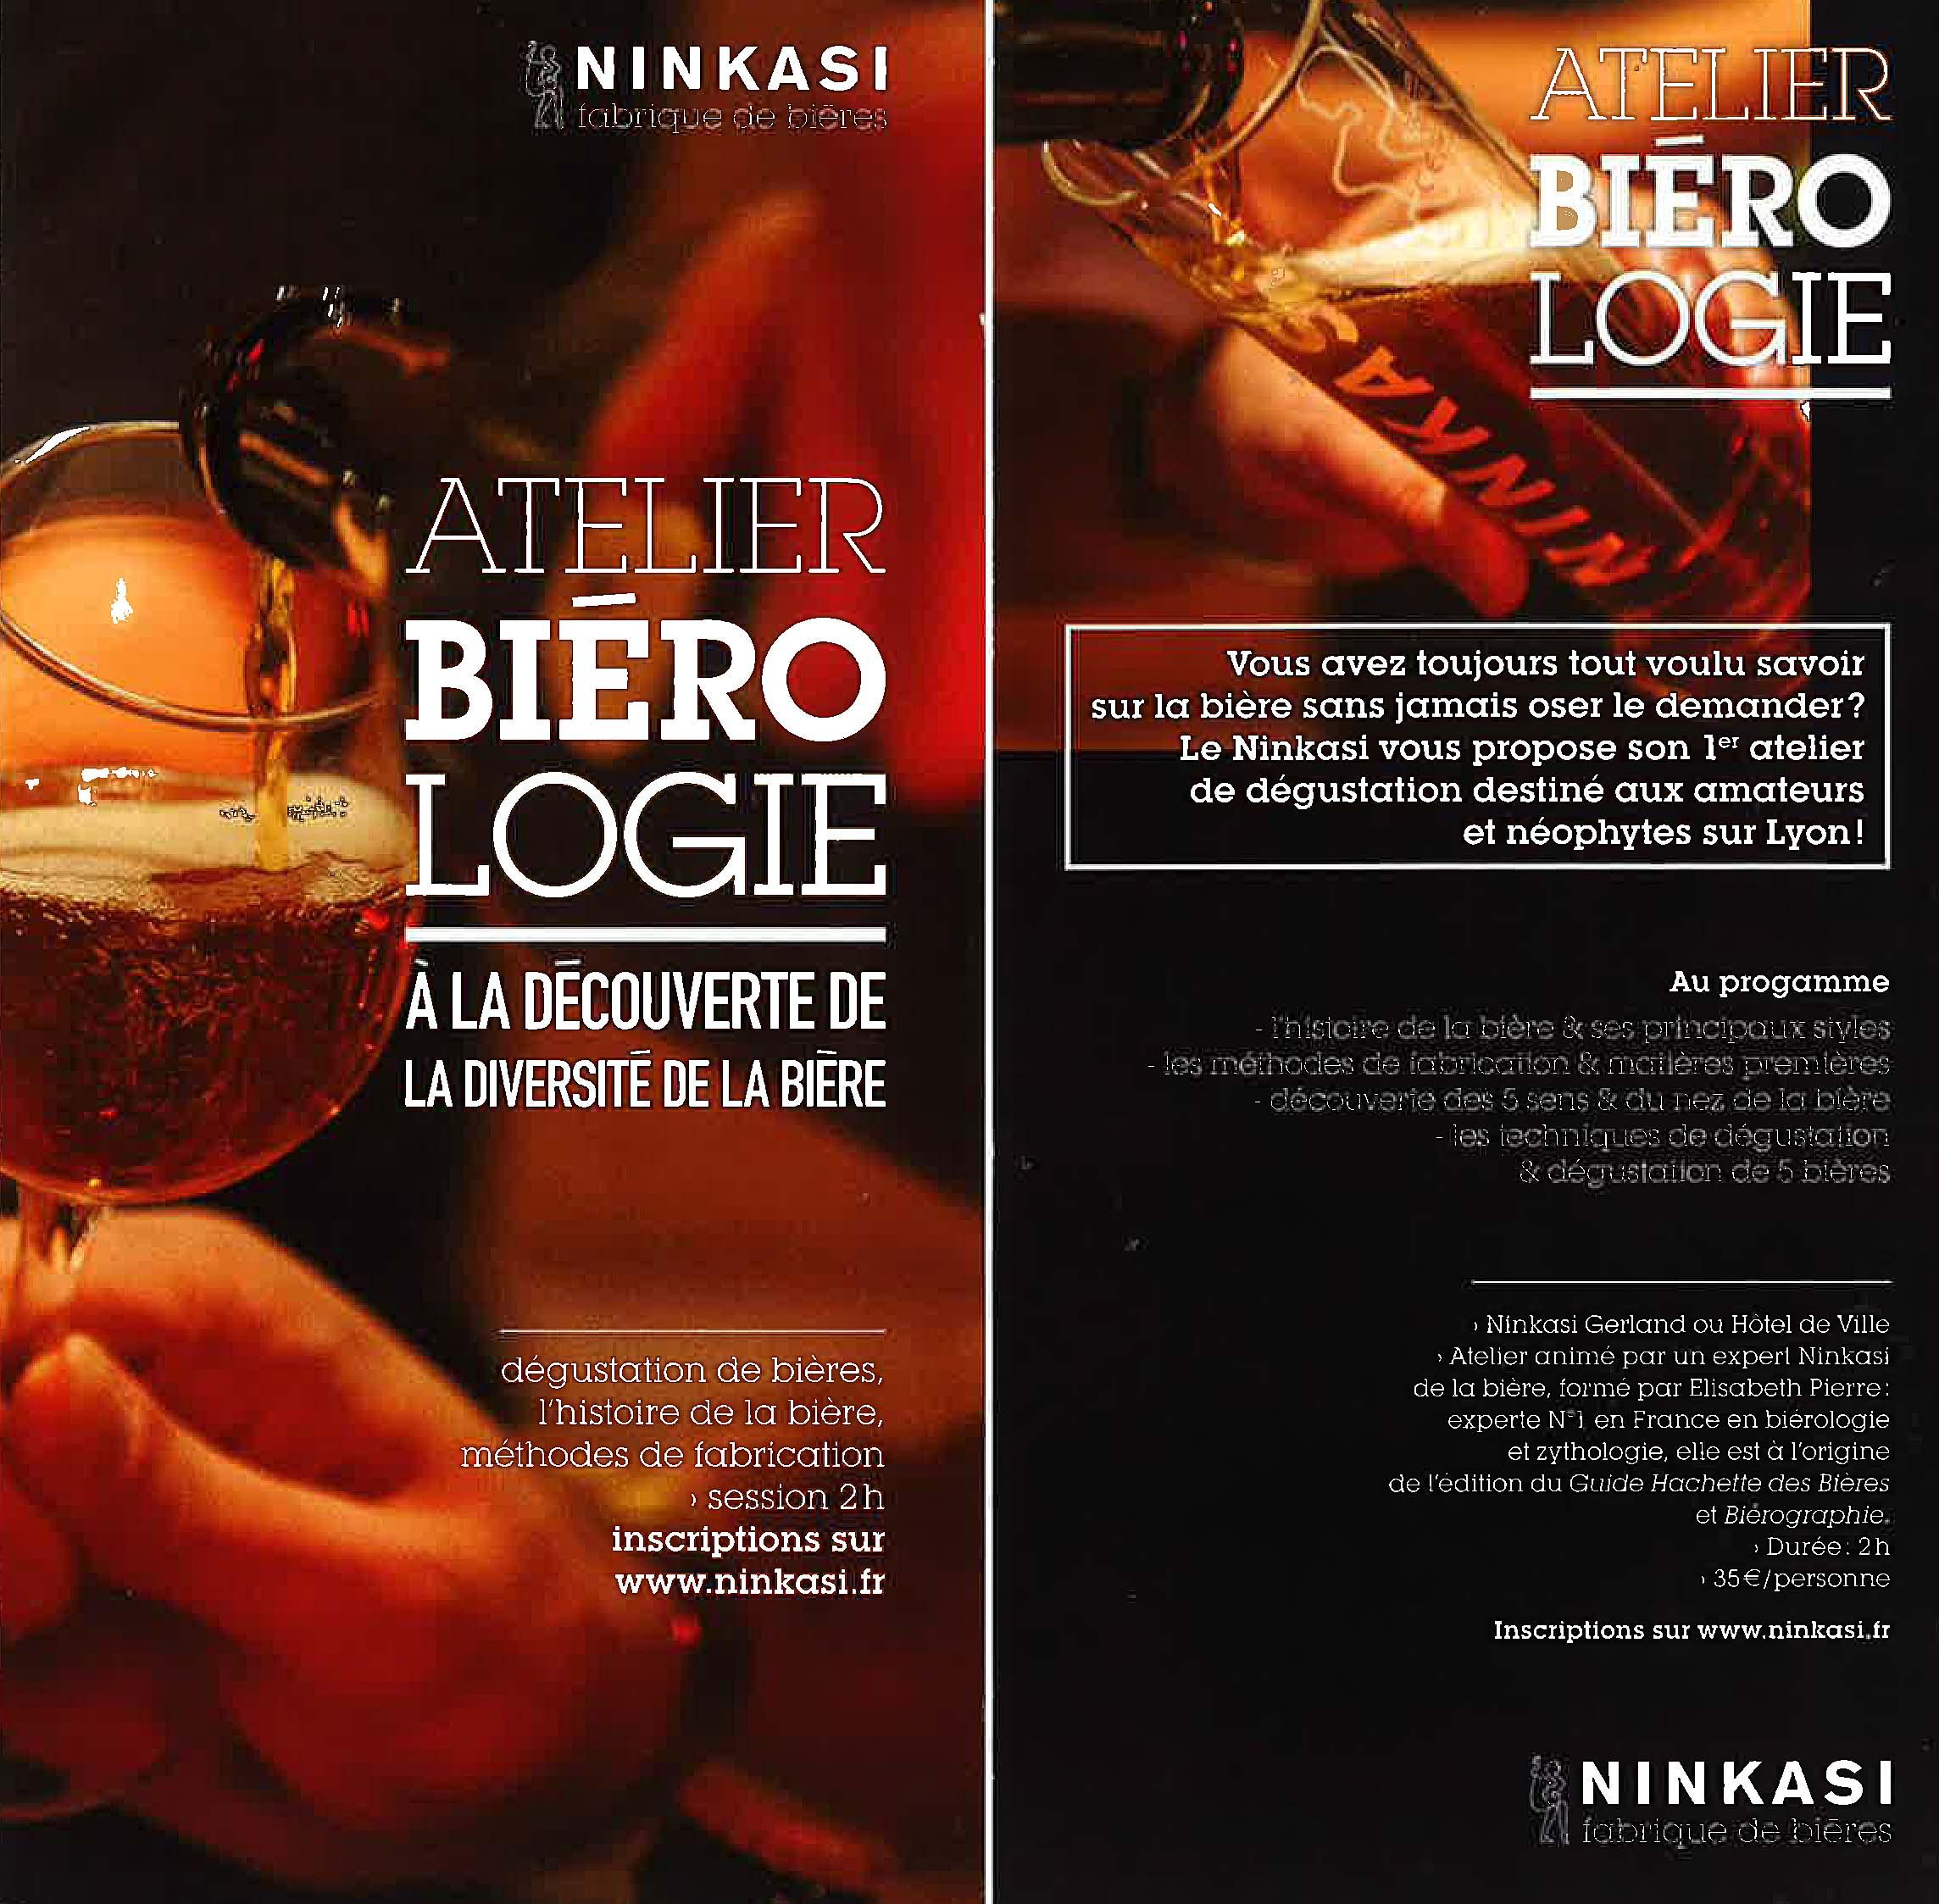 Ninkasi Biérologie